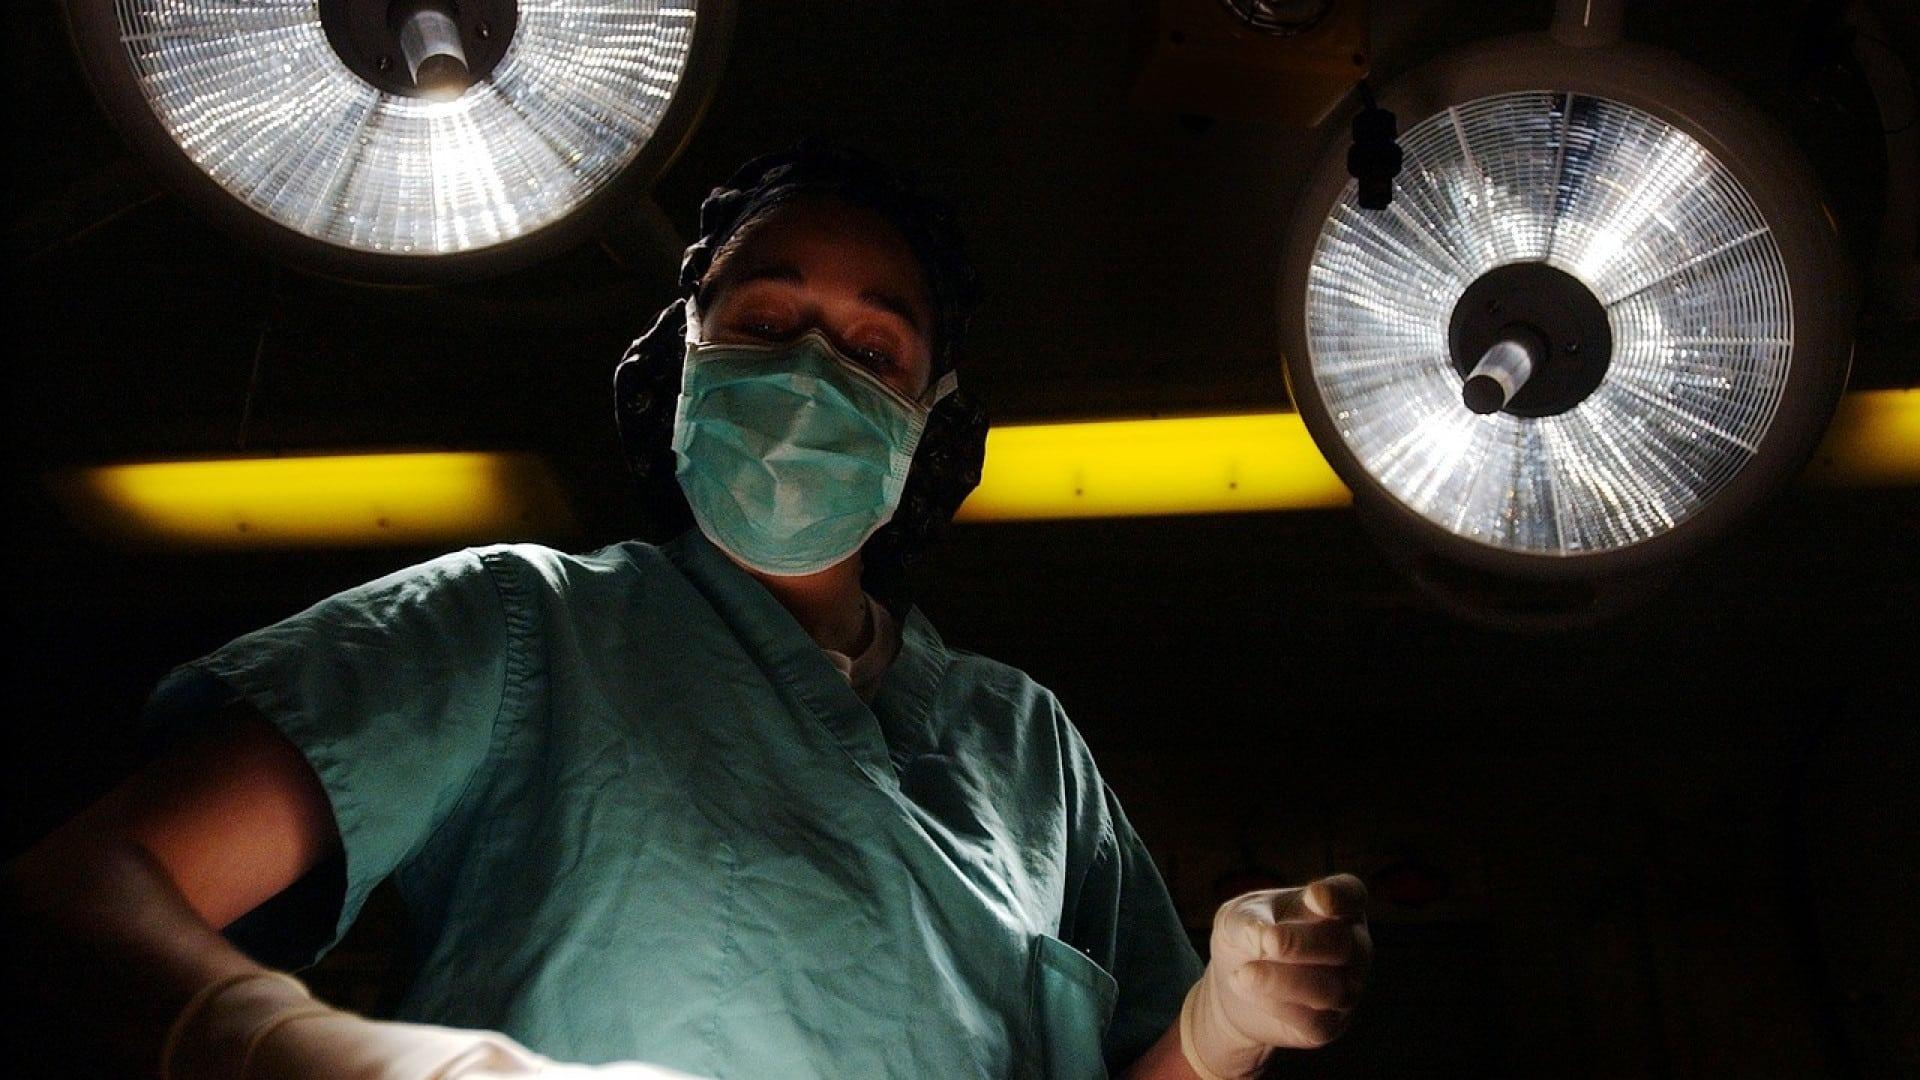 Comment réussir son opération de chirurgie esthétique à prix malin ?